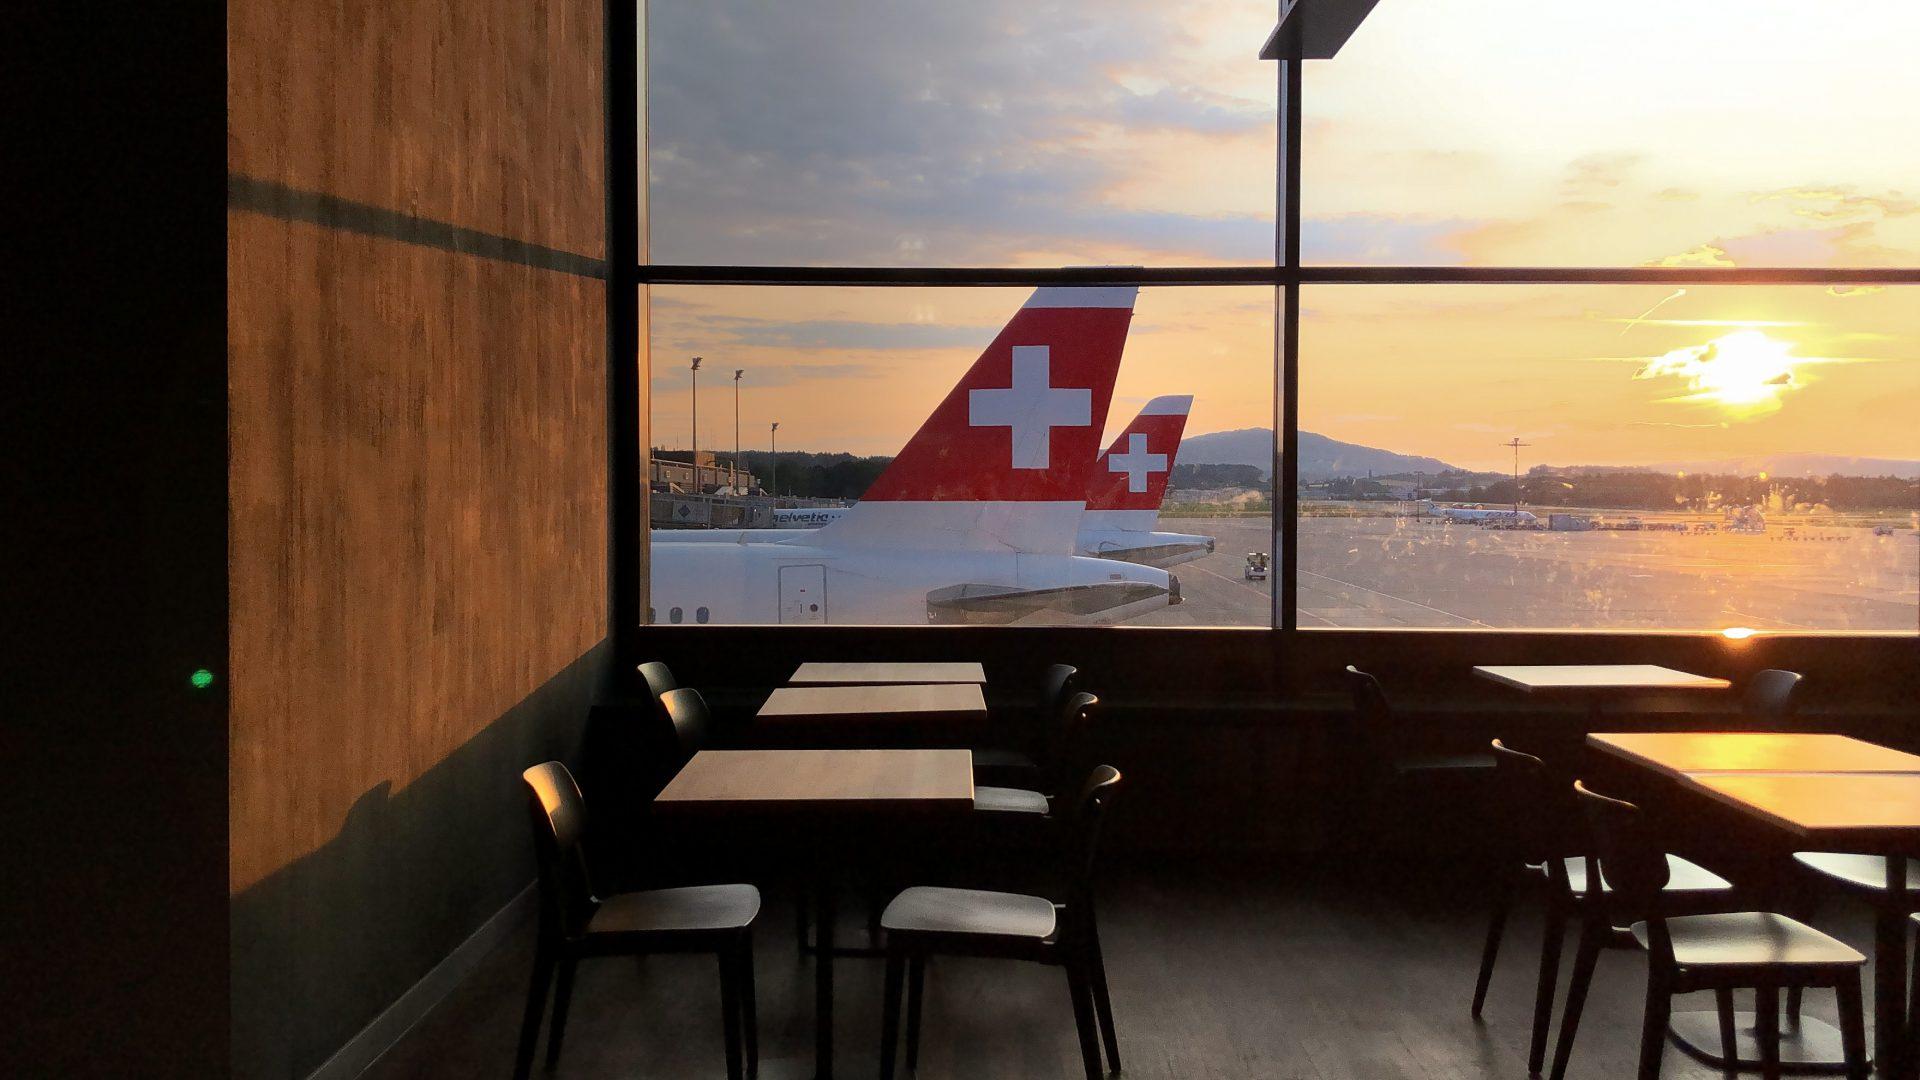 njemačka austrija švicarska liječnik natječaji germany switzerland austria doctors jobs